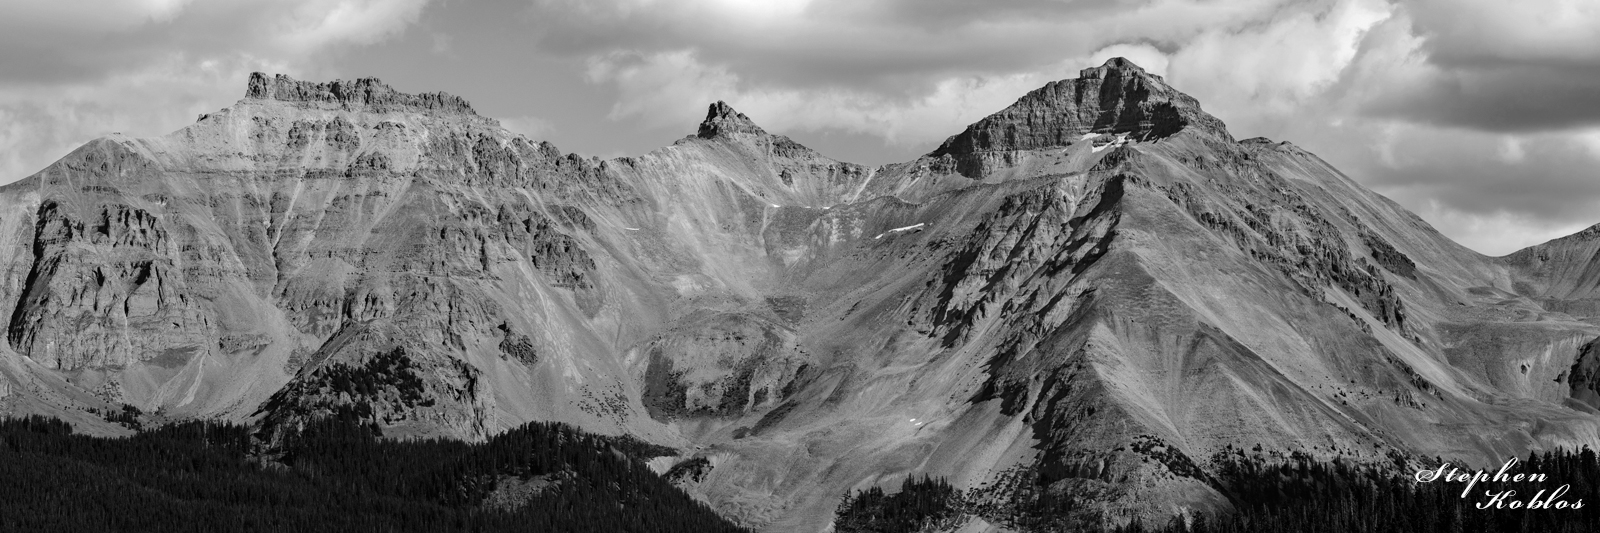 US Grant Peak, Piolet knob and Vermillion Peak. Limited Edition of 100